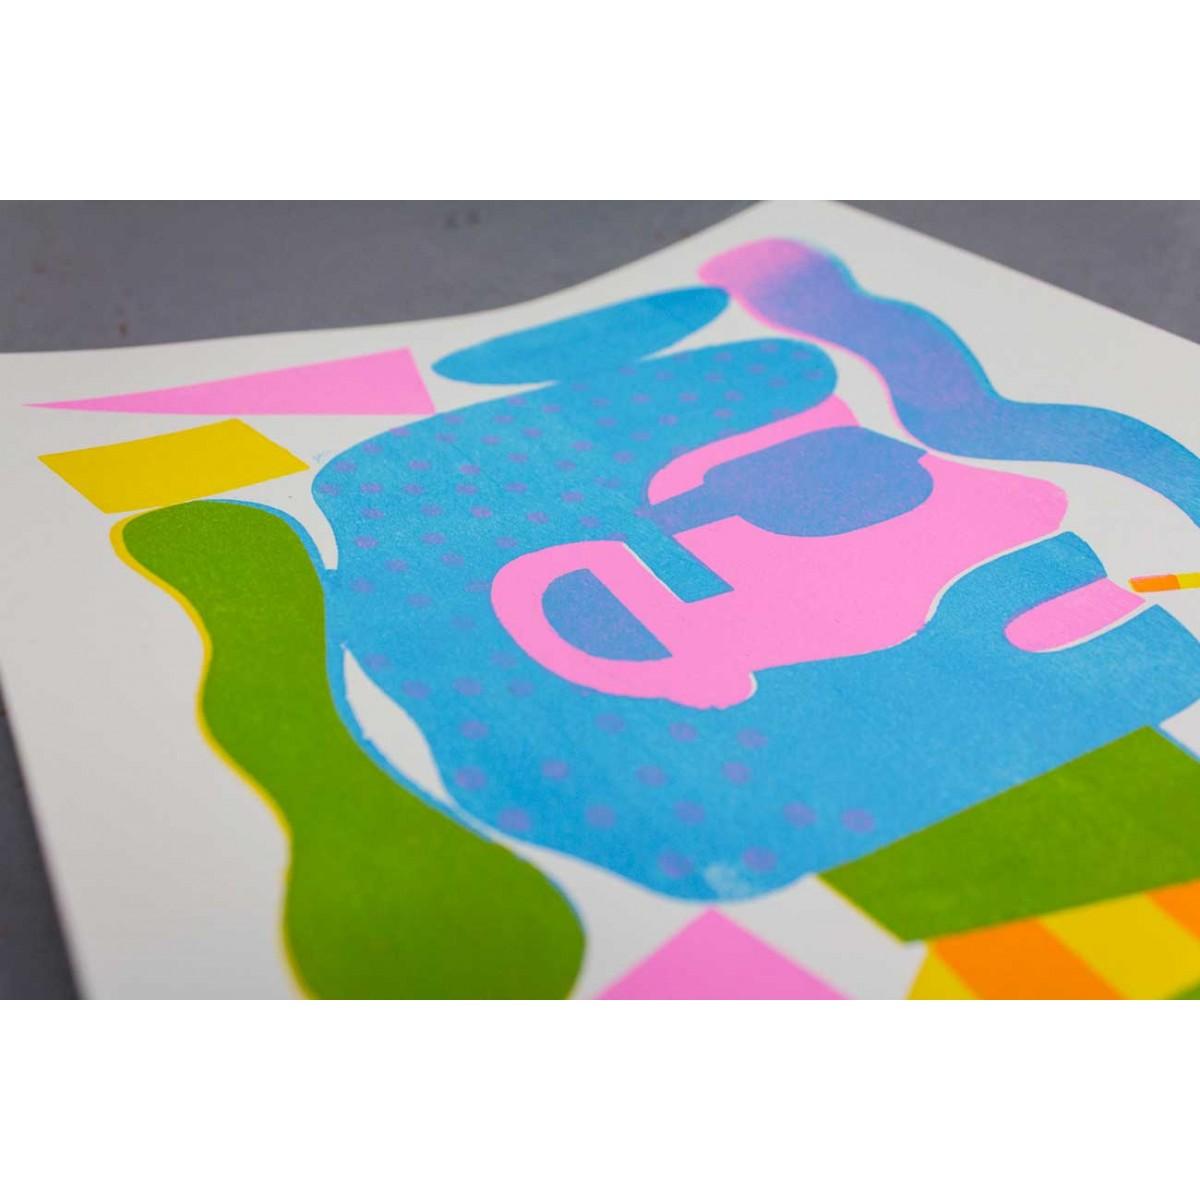 Martin Krusche - Stencilprint »Monsieur« DINA4